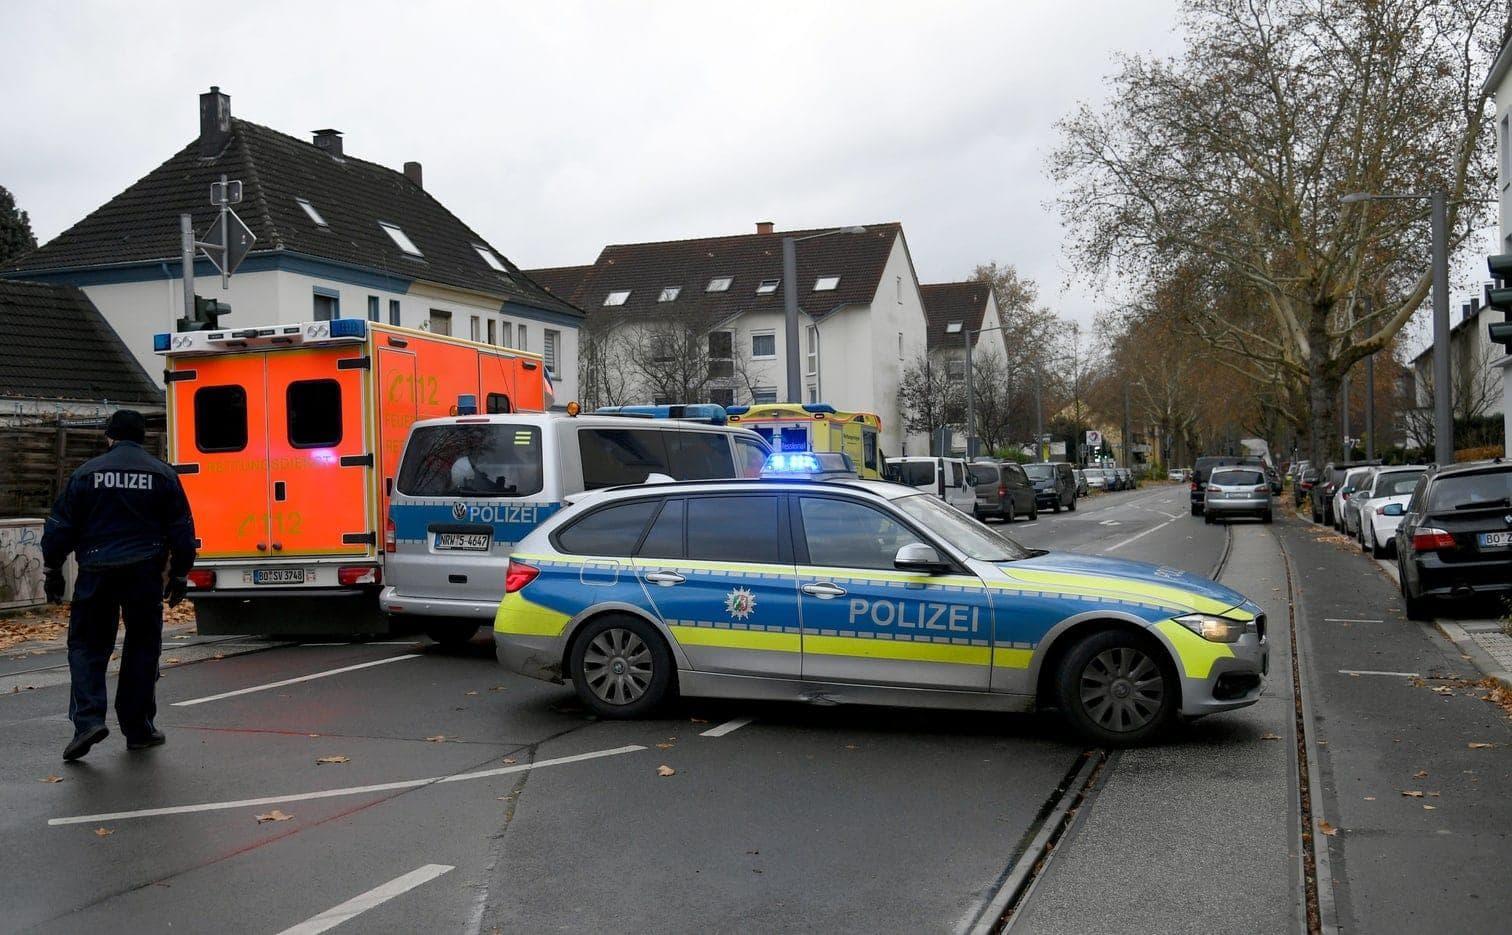 <p>Großeinsatz für die Polizei im Ruhrgebiet: Stundenlang hält ein Mann die Angestellte einer Tankstelle in Bochum in seiner Gewalt. Dann kann sie flüchten. Der Mann wird festgenommen.</p> Foto: dpa/Ina Fassbender